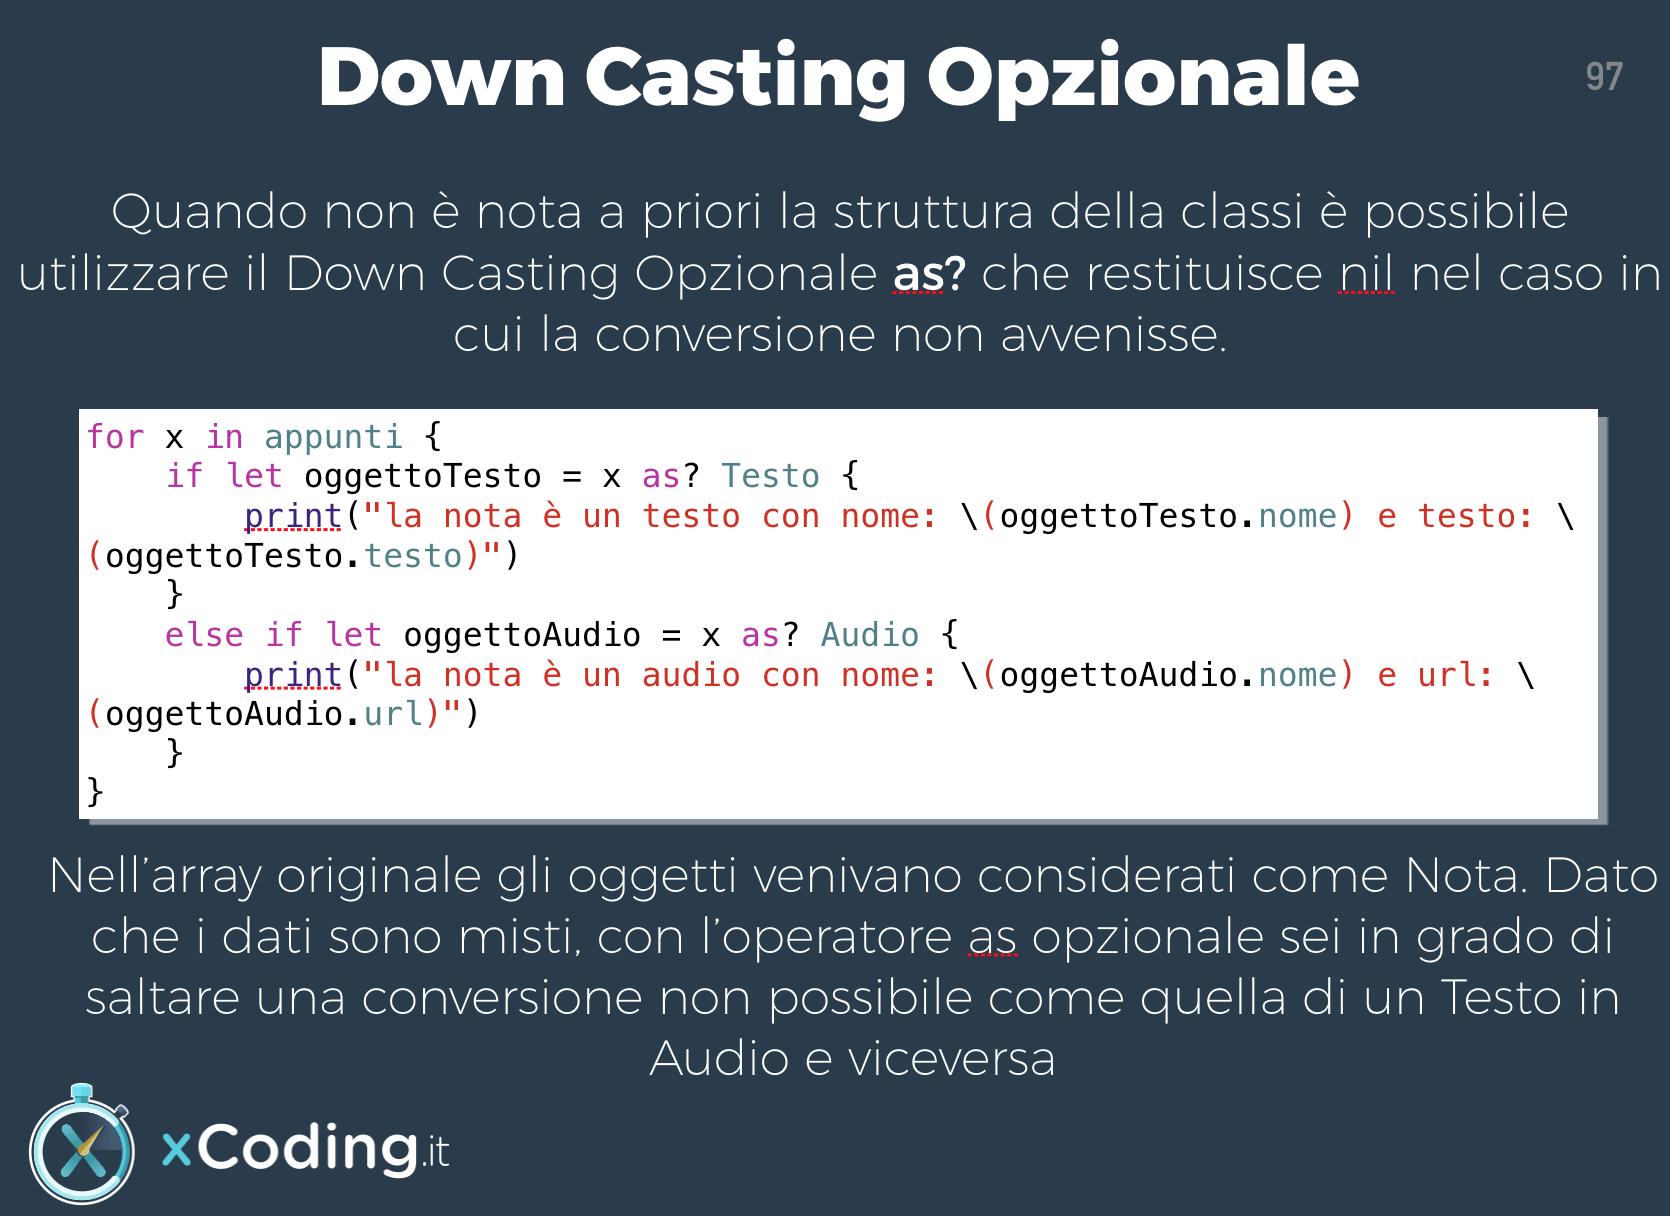 Down casting opzionale linguaggio swift